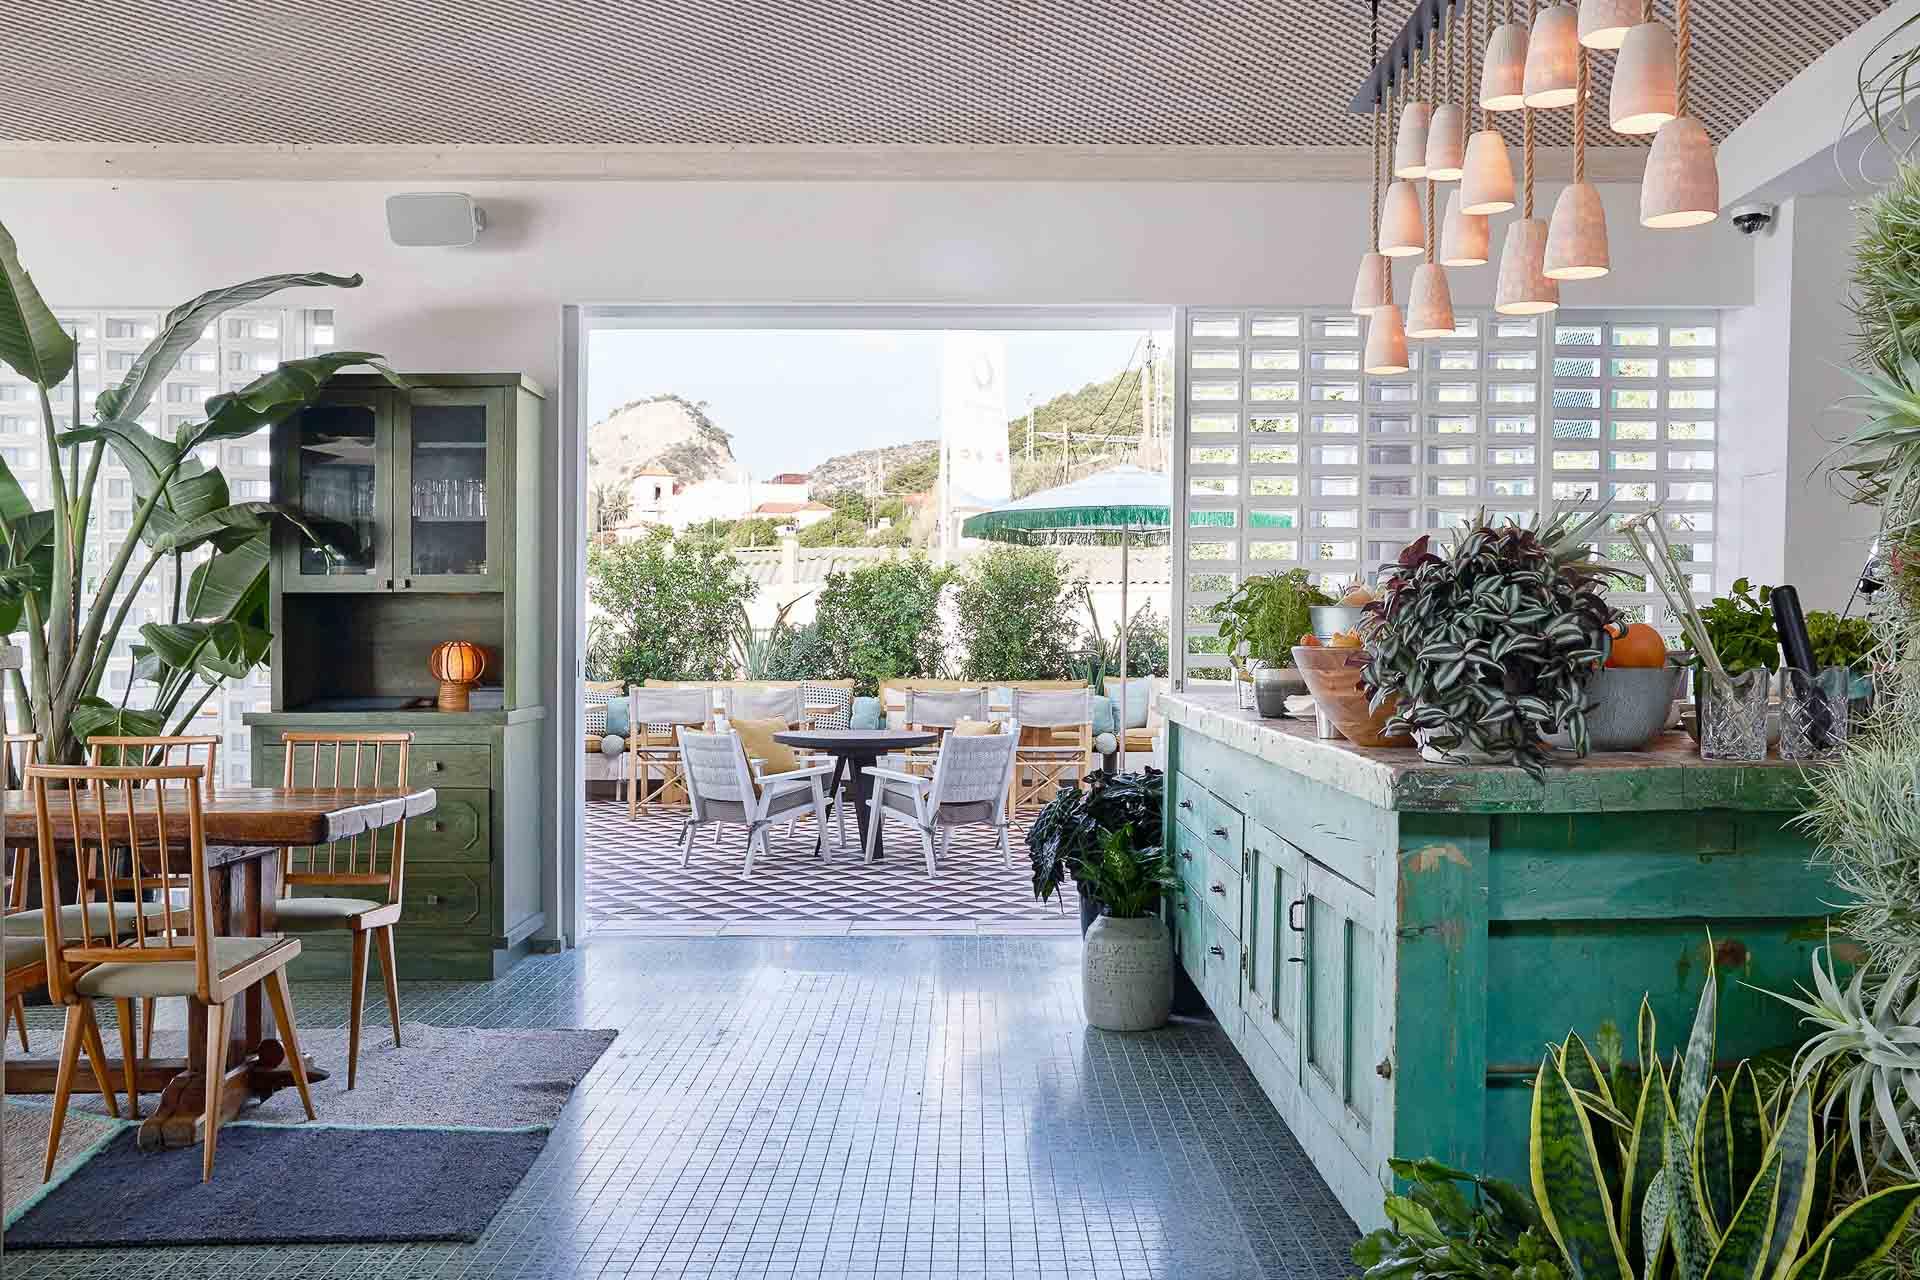 Maison méditerranéenne par excellente, Little Beach House Barcelona est largement ouverte vers l'extérieur et vers la mer